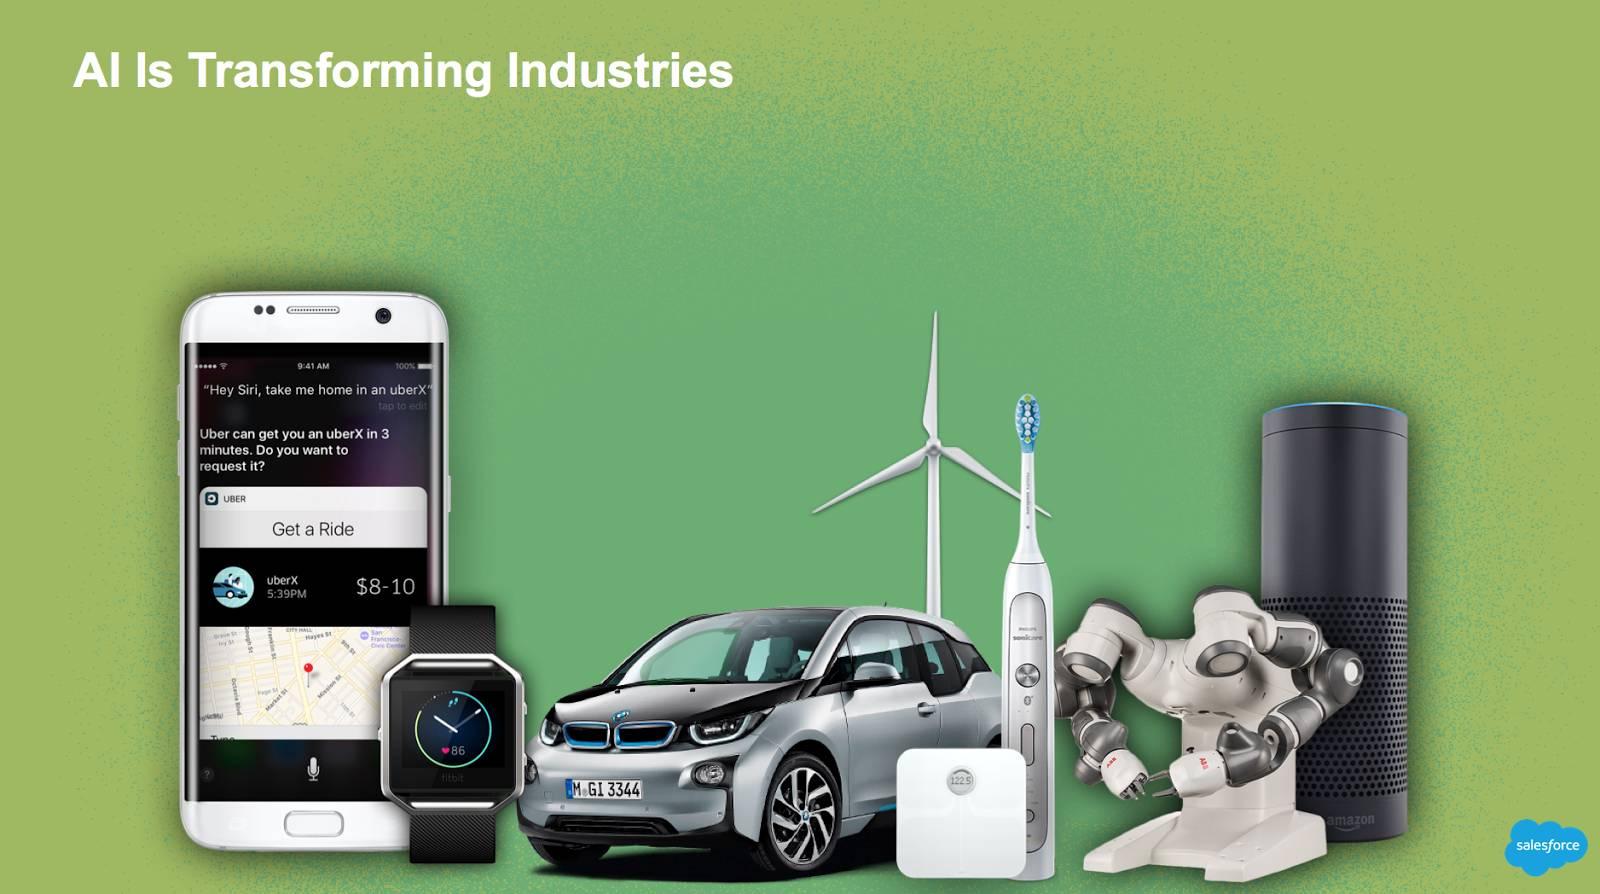 AI による各業種の変革: スマートフォン、スマートウォッチ、電動歯ブラシ、Amazon Echo、ロボット、コネクテッドカー、体重計、風力タービンを示す画像